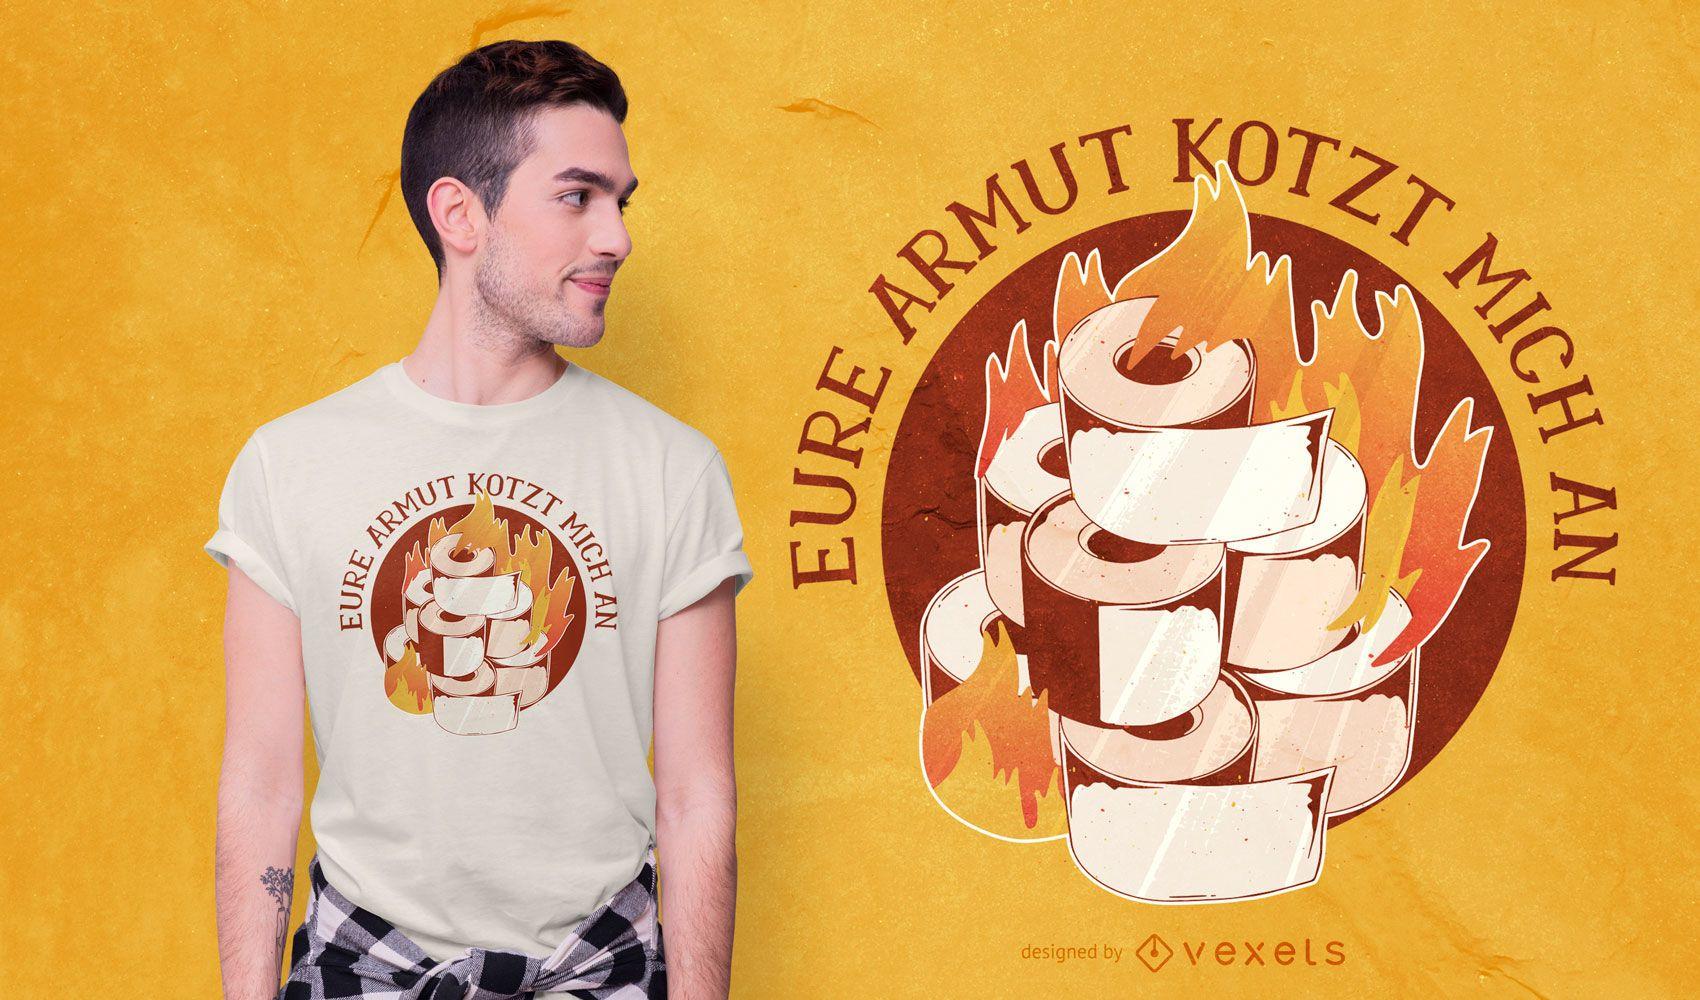 REQUEST toilet paper t-shirt design